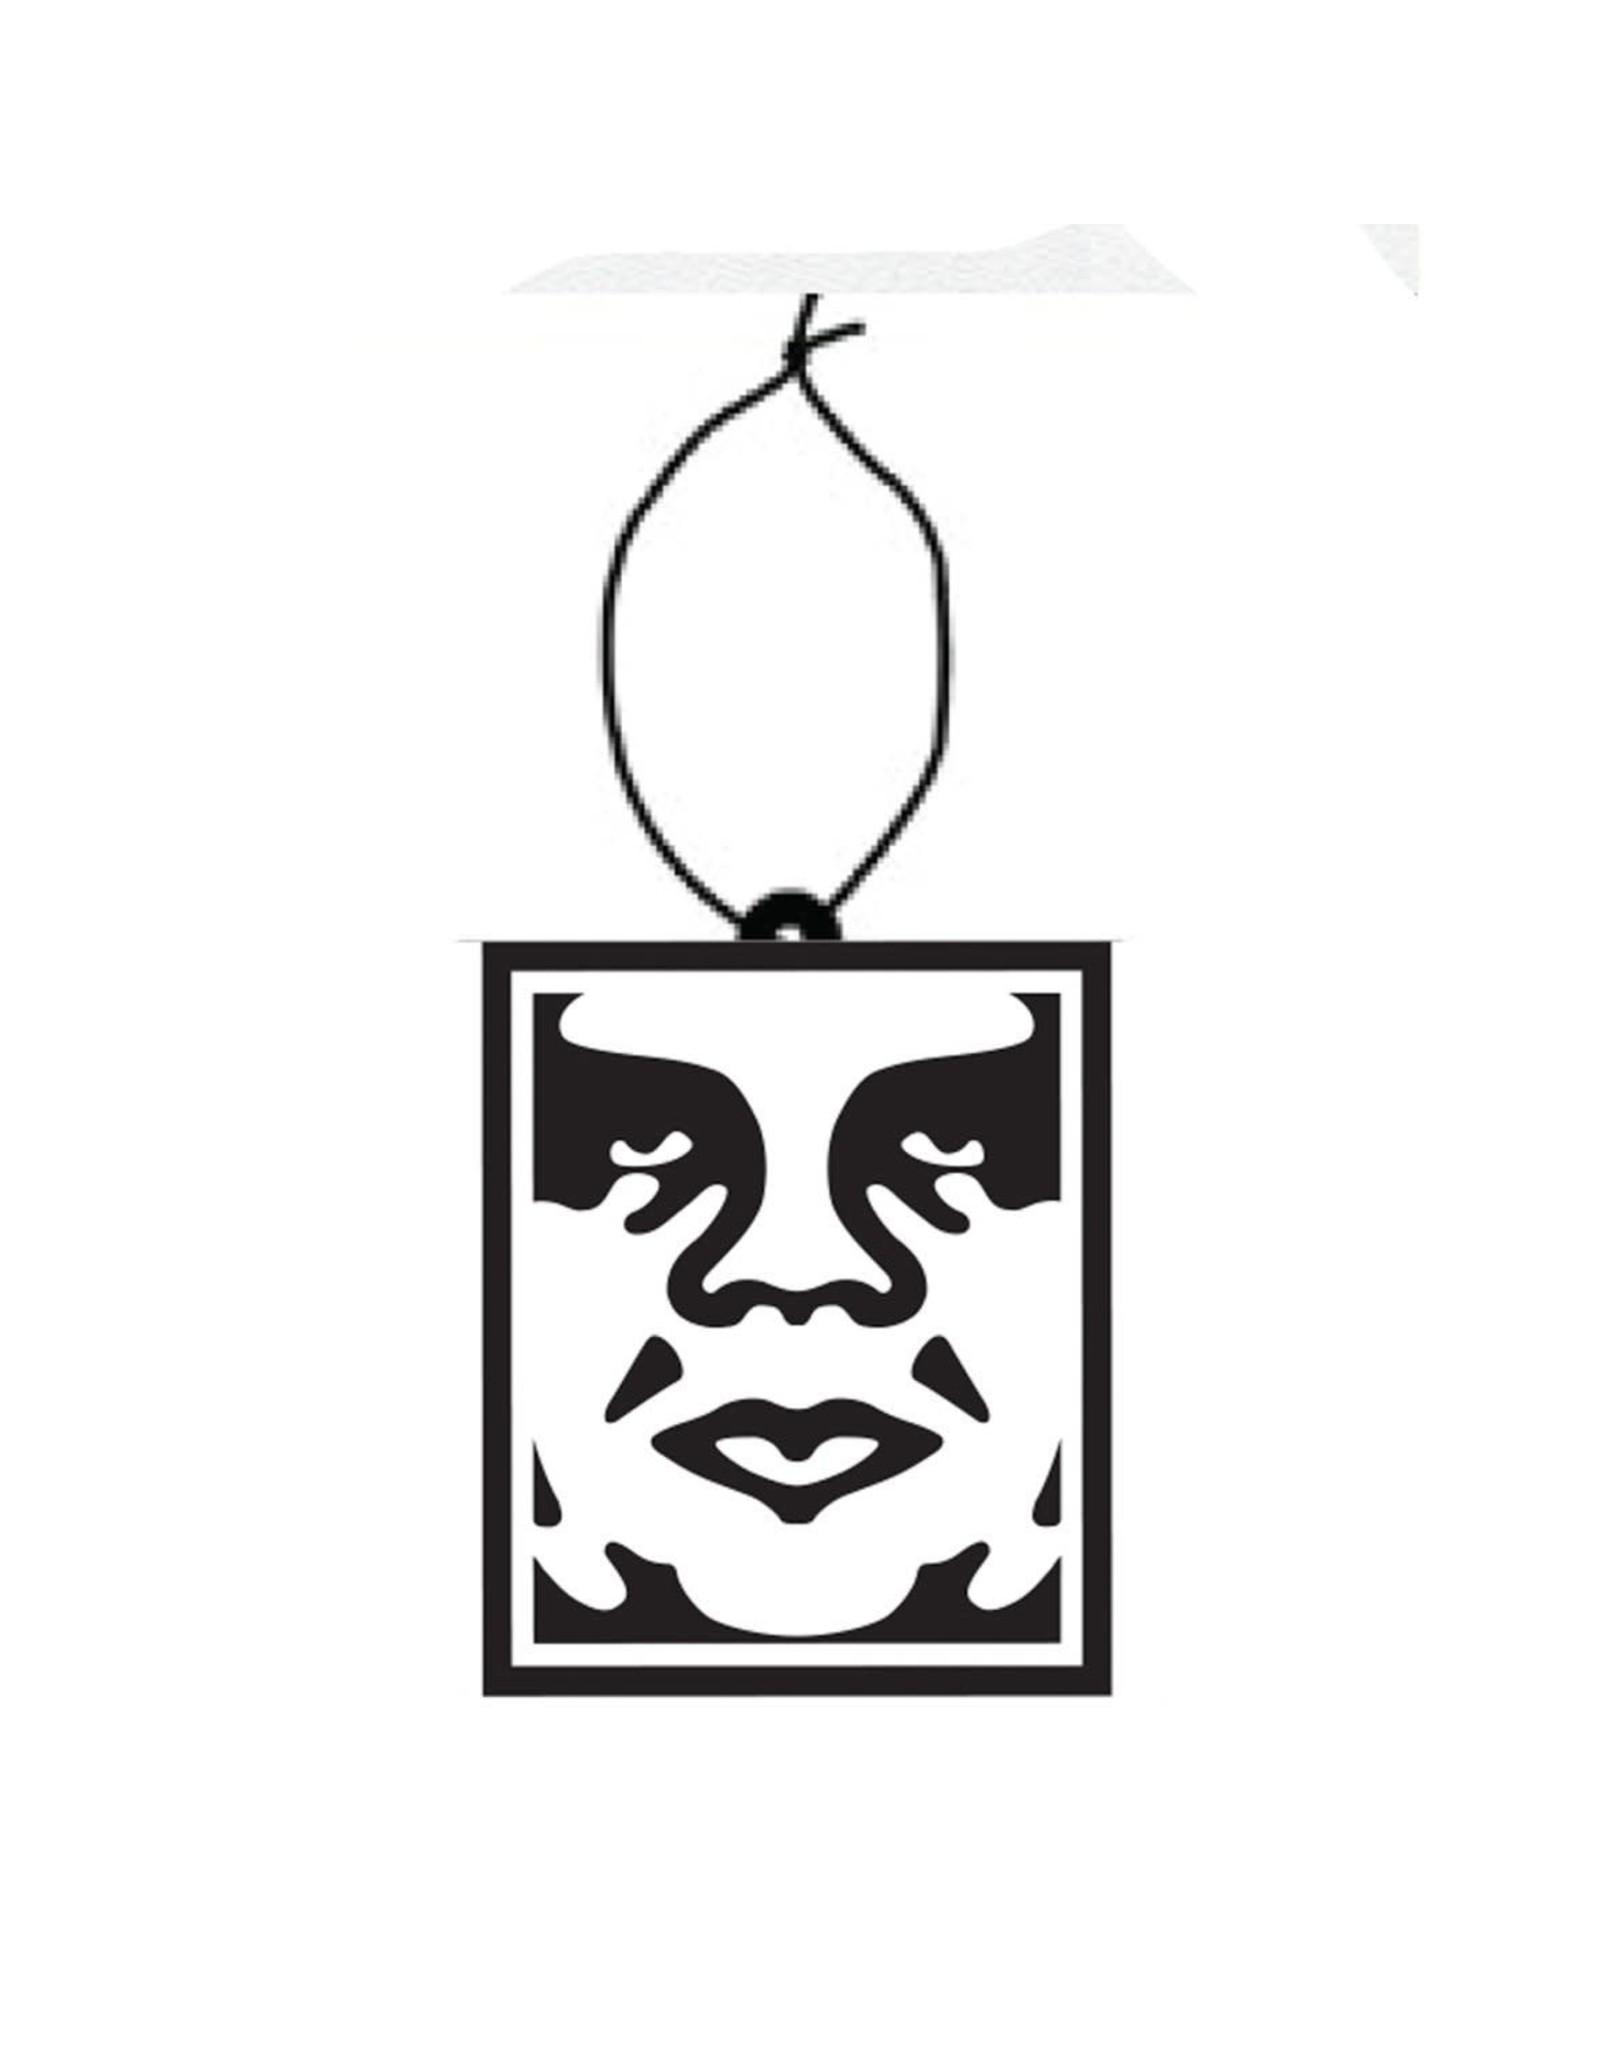 Obey Obey - Air freshener icon black multi